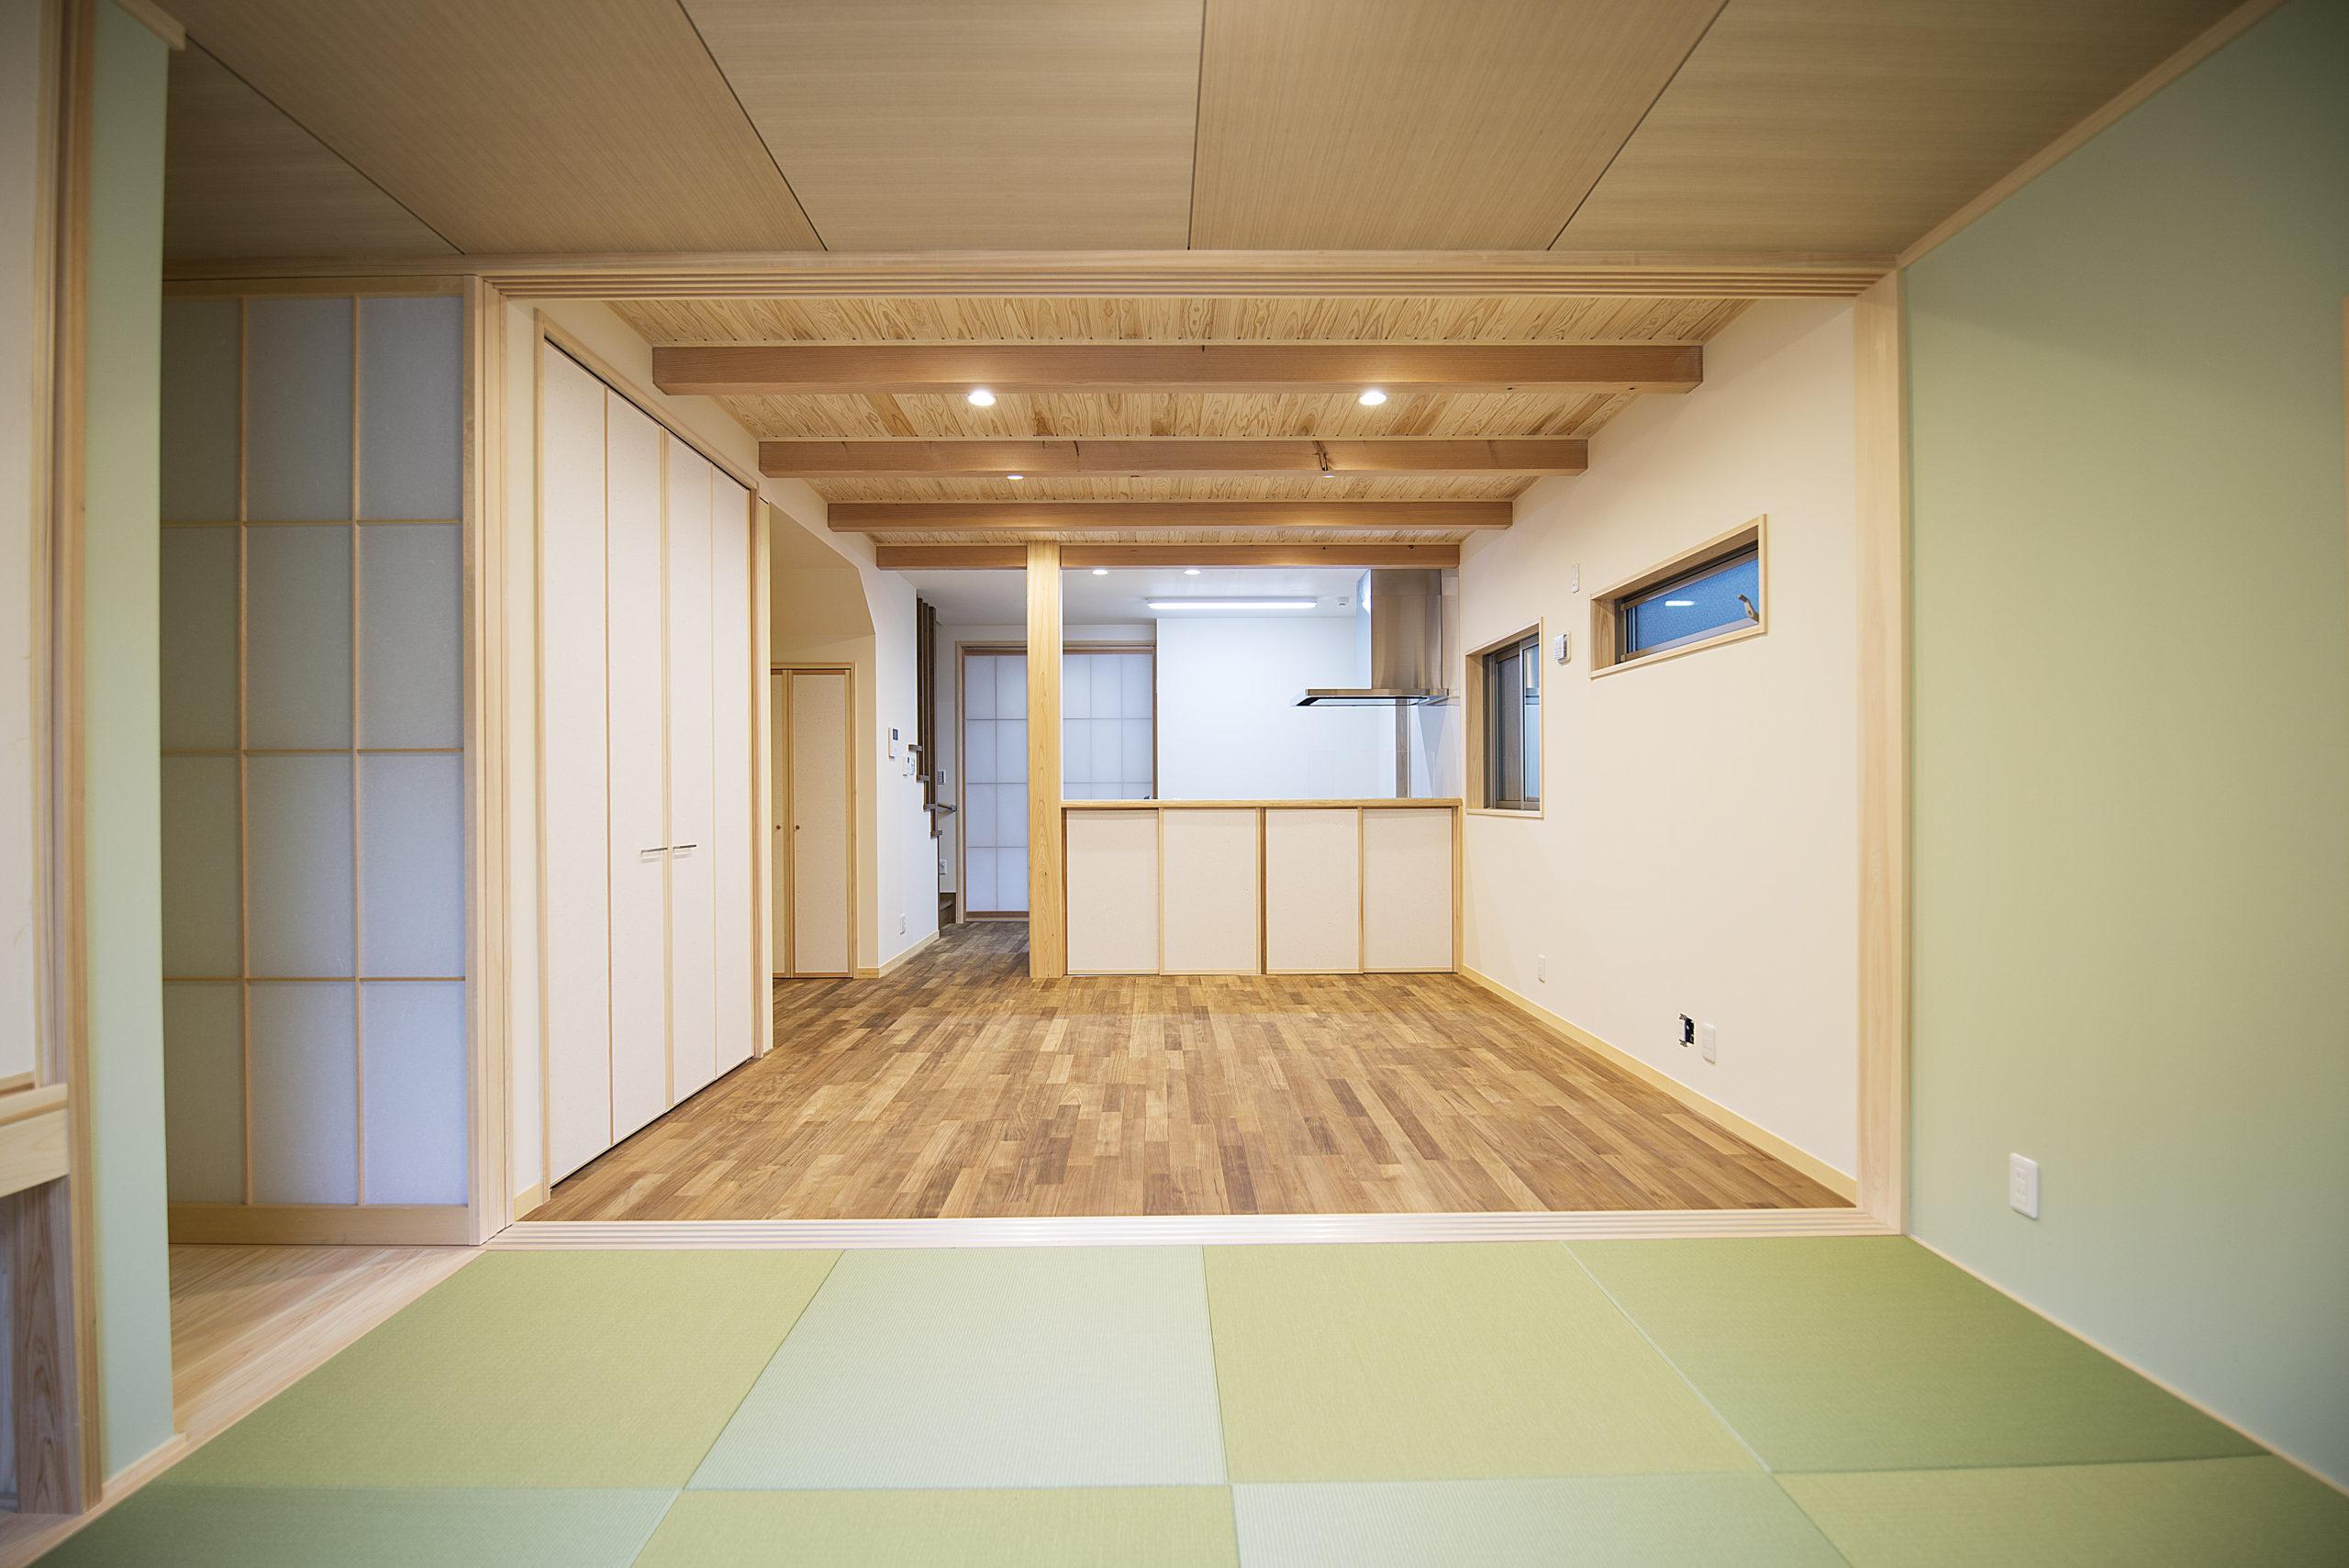 完全に収納できる建具で仕切った和室のリビングとダイニング